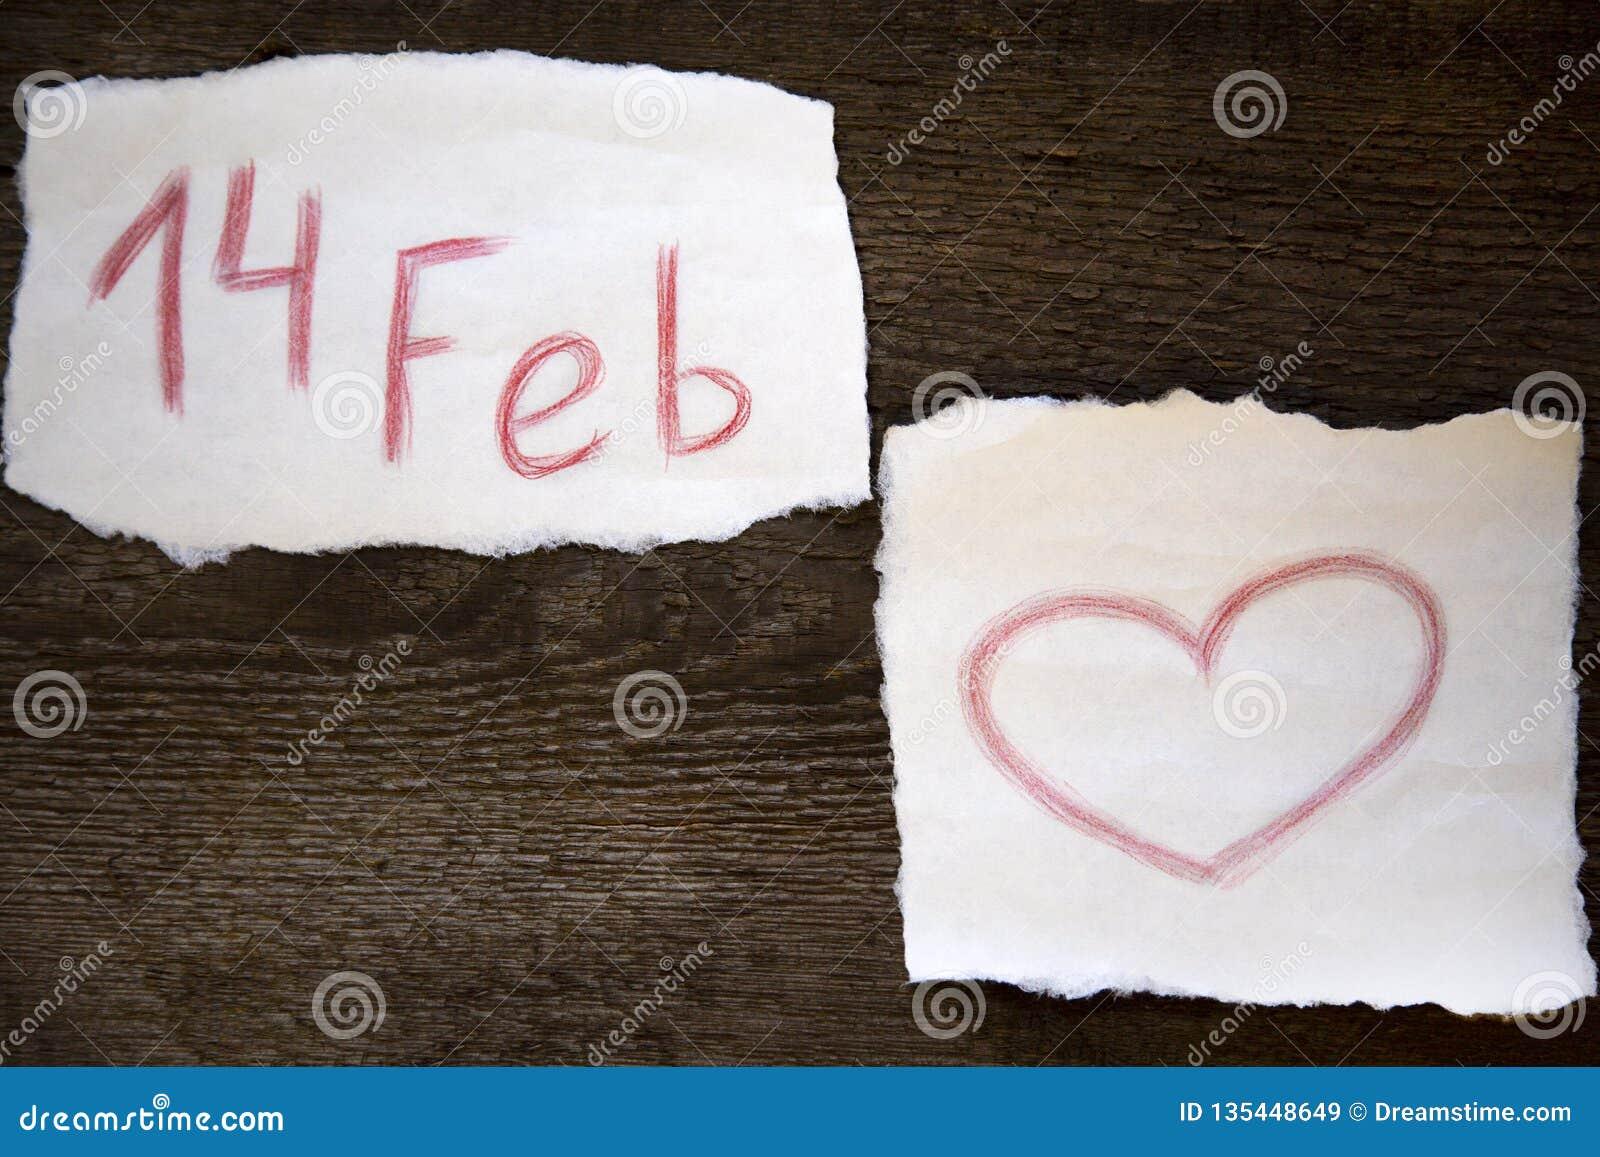 Februari 14 och hjärtan dras i röd blyertspenna på ett ark av papper, allt lokaliseras på ett träbräde